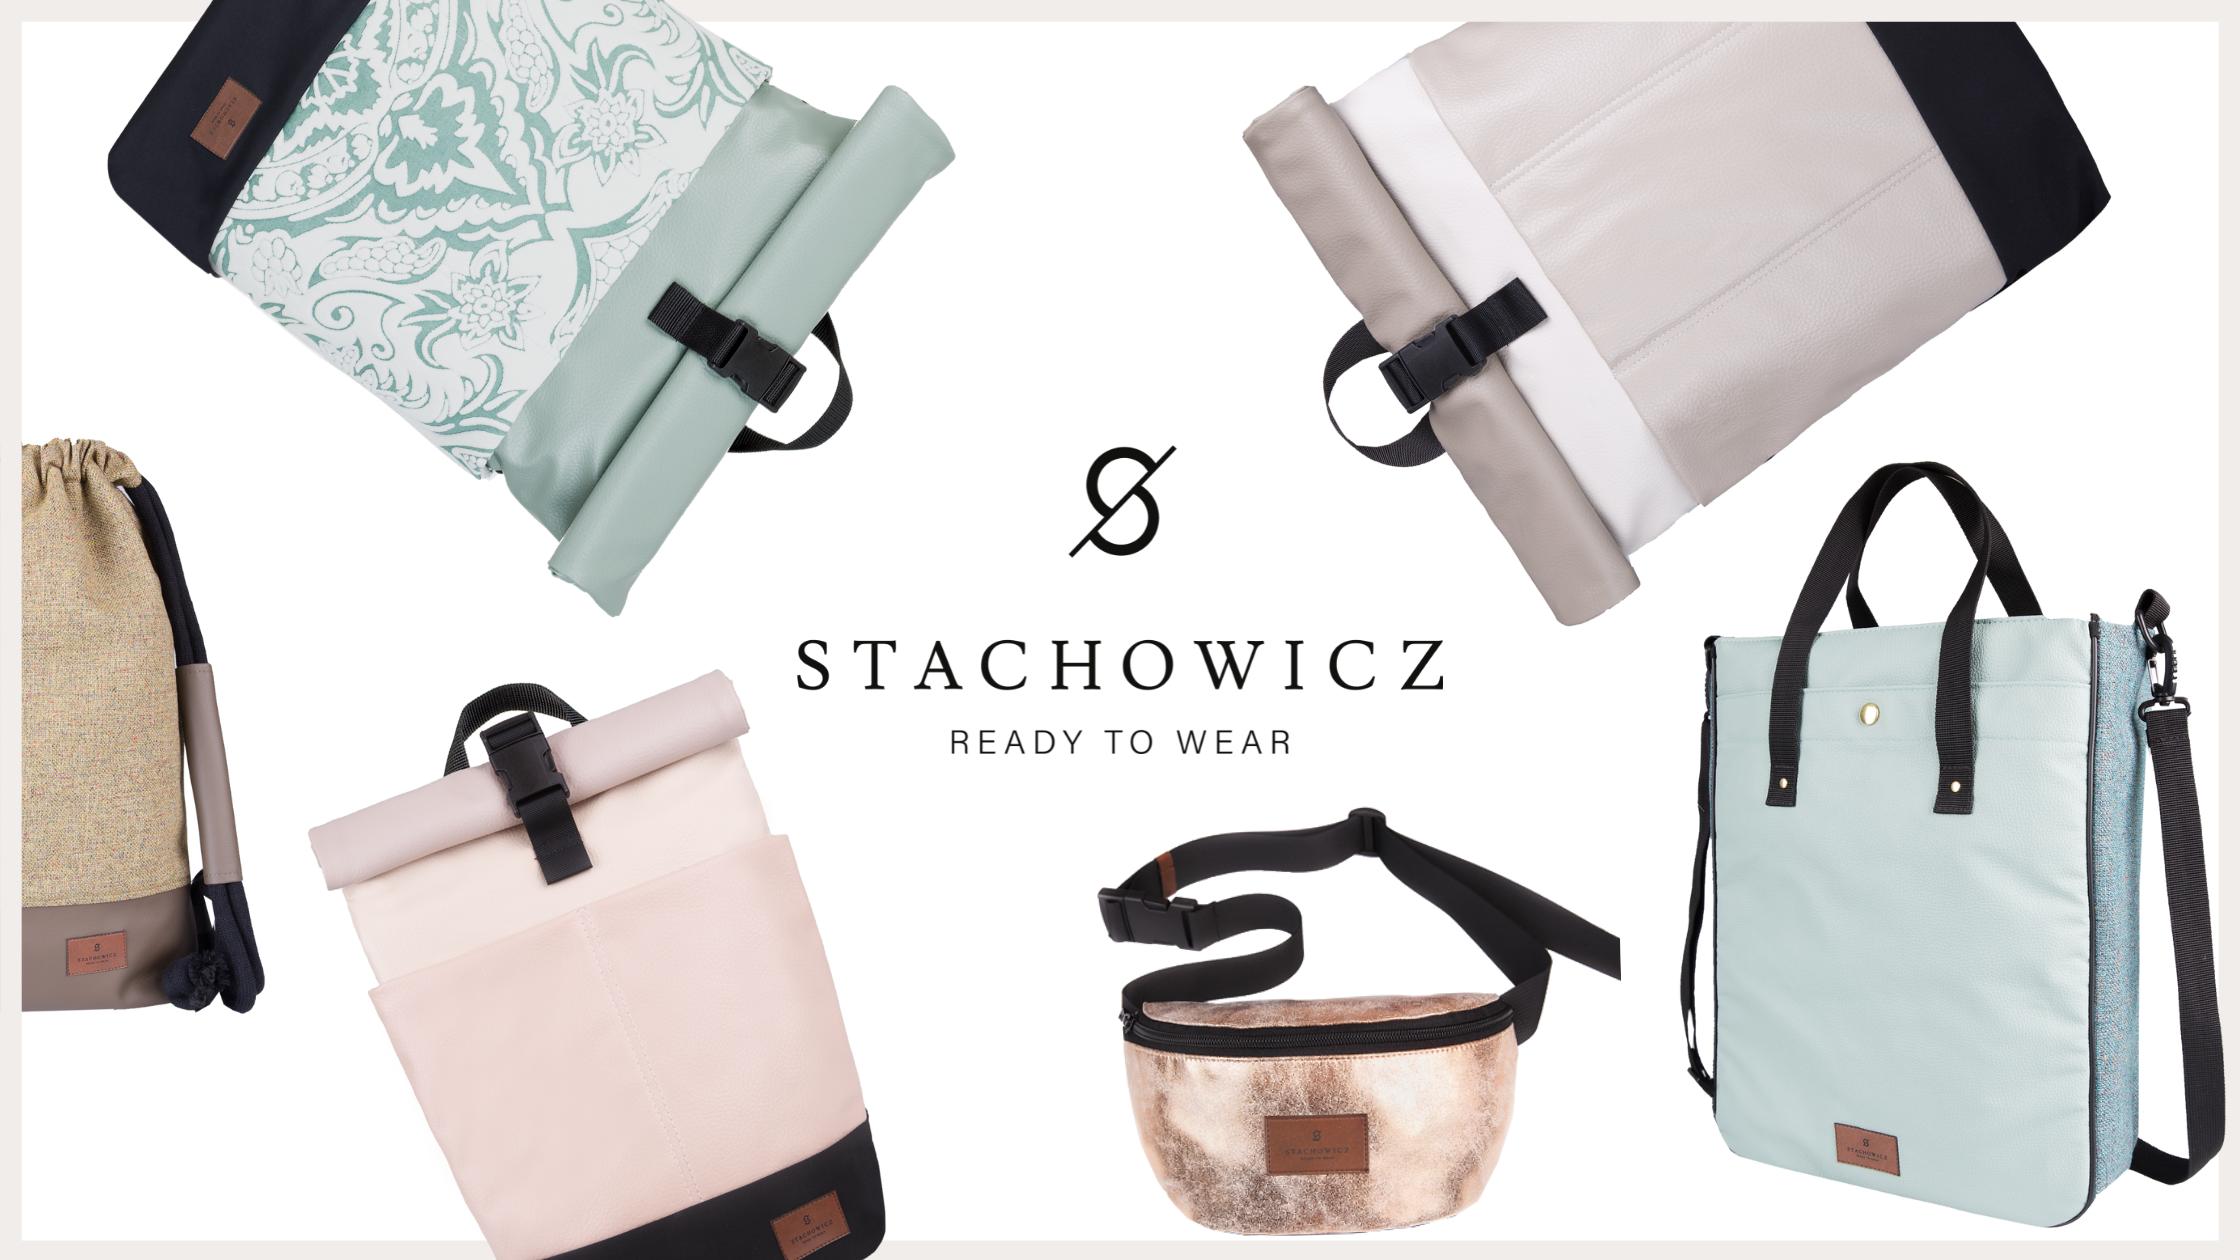 Akcesoria Stachowicz Ready To Weae